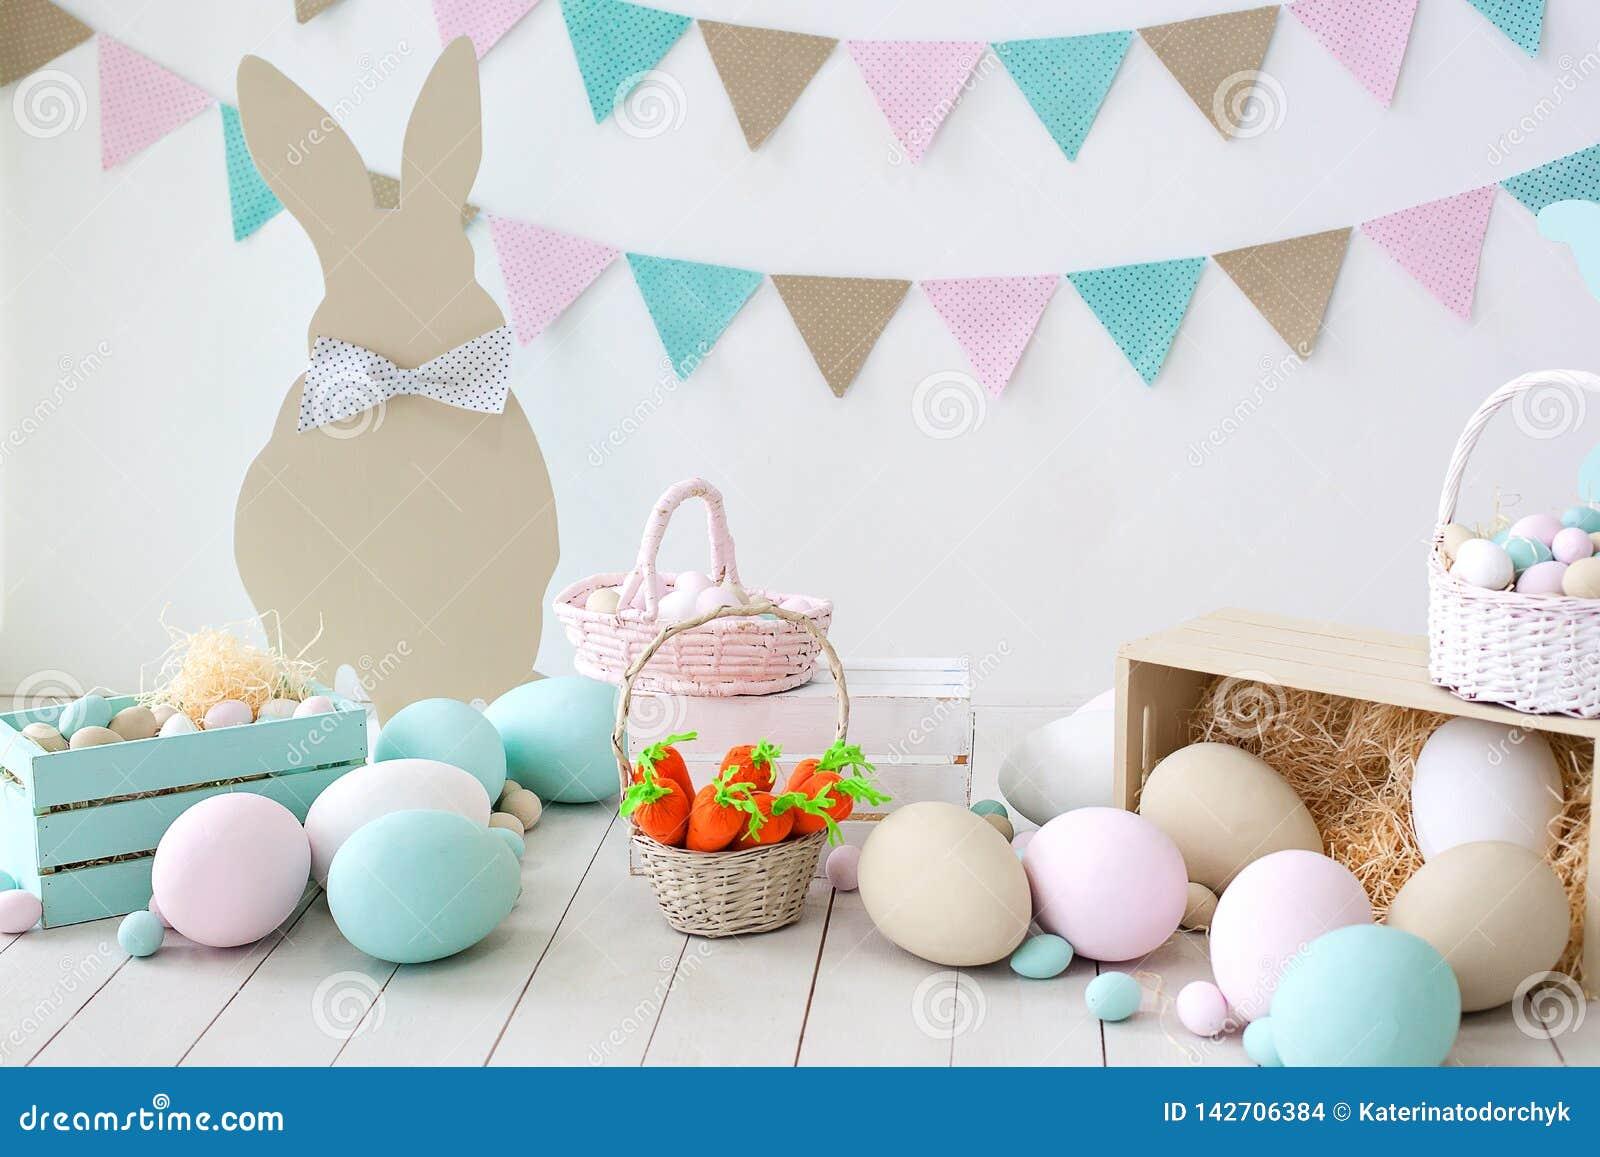 ¡Pascua! ¡Muchos huevos de Pascua coloridos con los conejitos y las cestas! Decoración del cuarto, el sitio de Pascua de niños pa